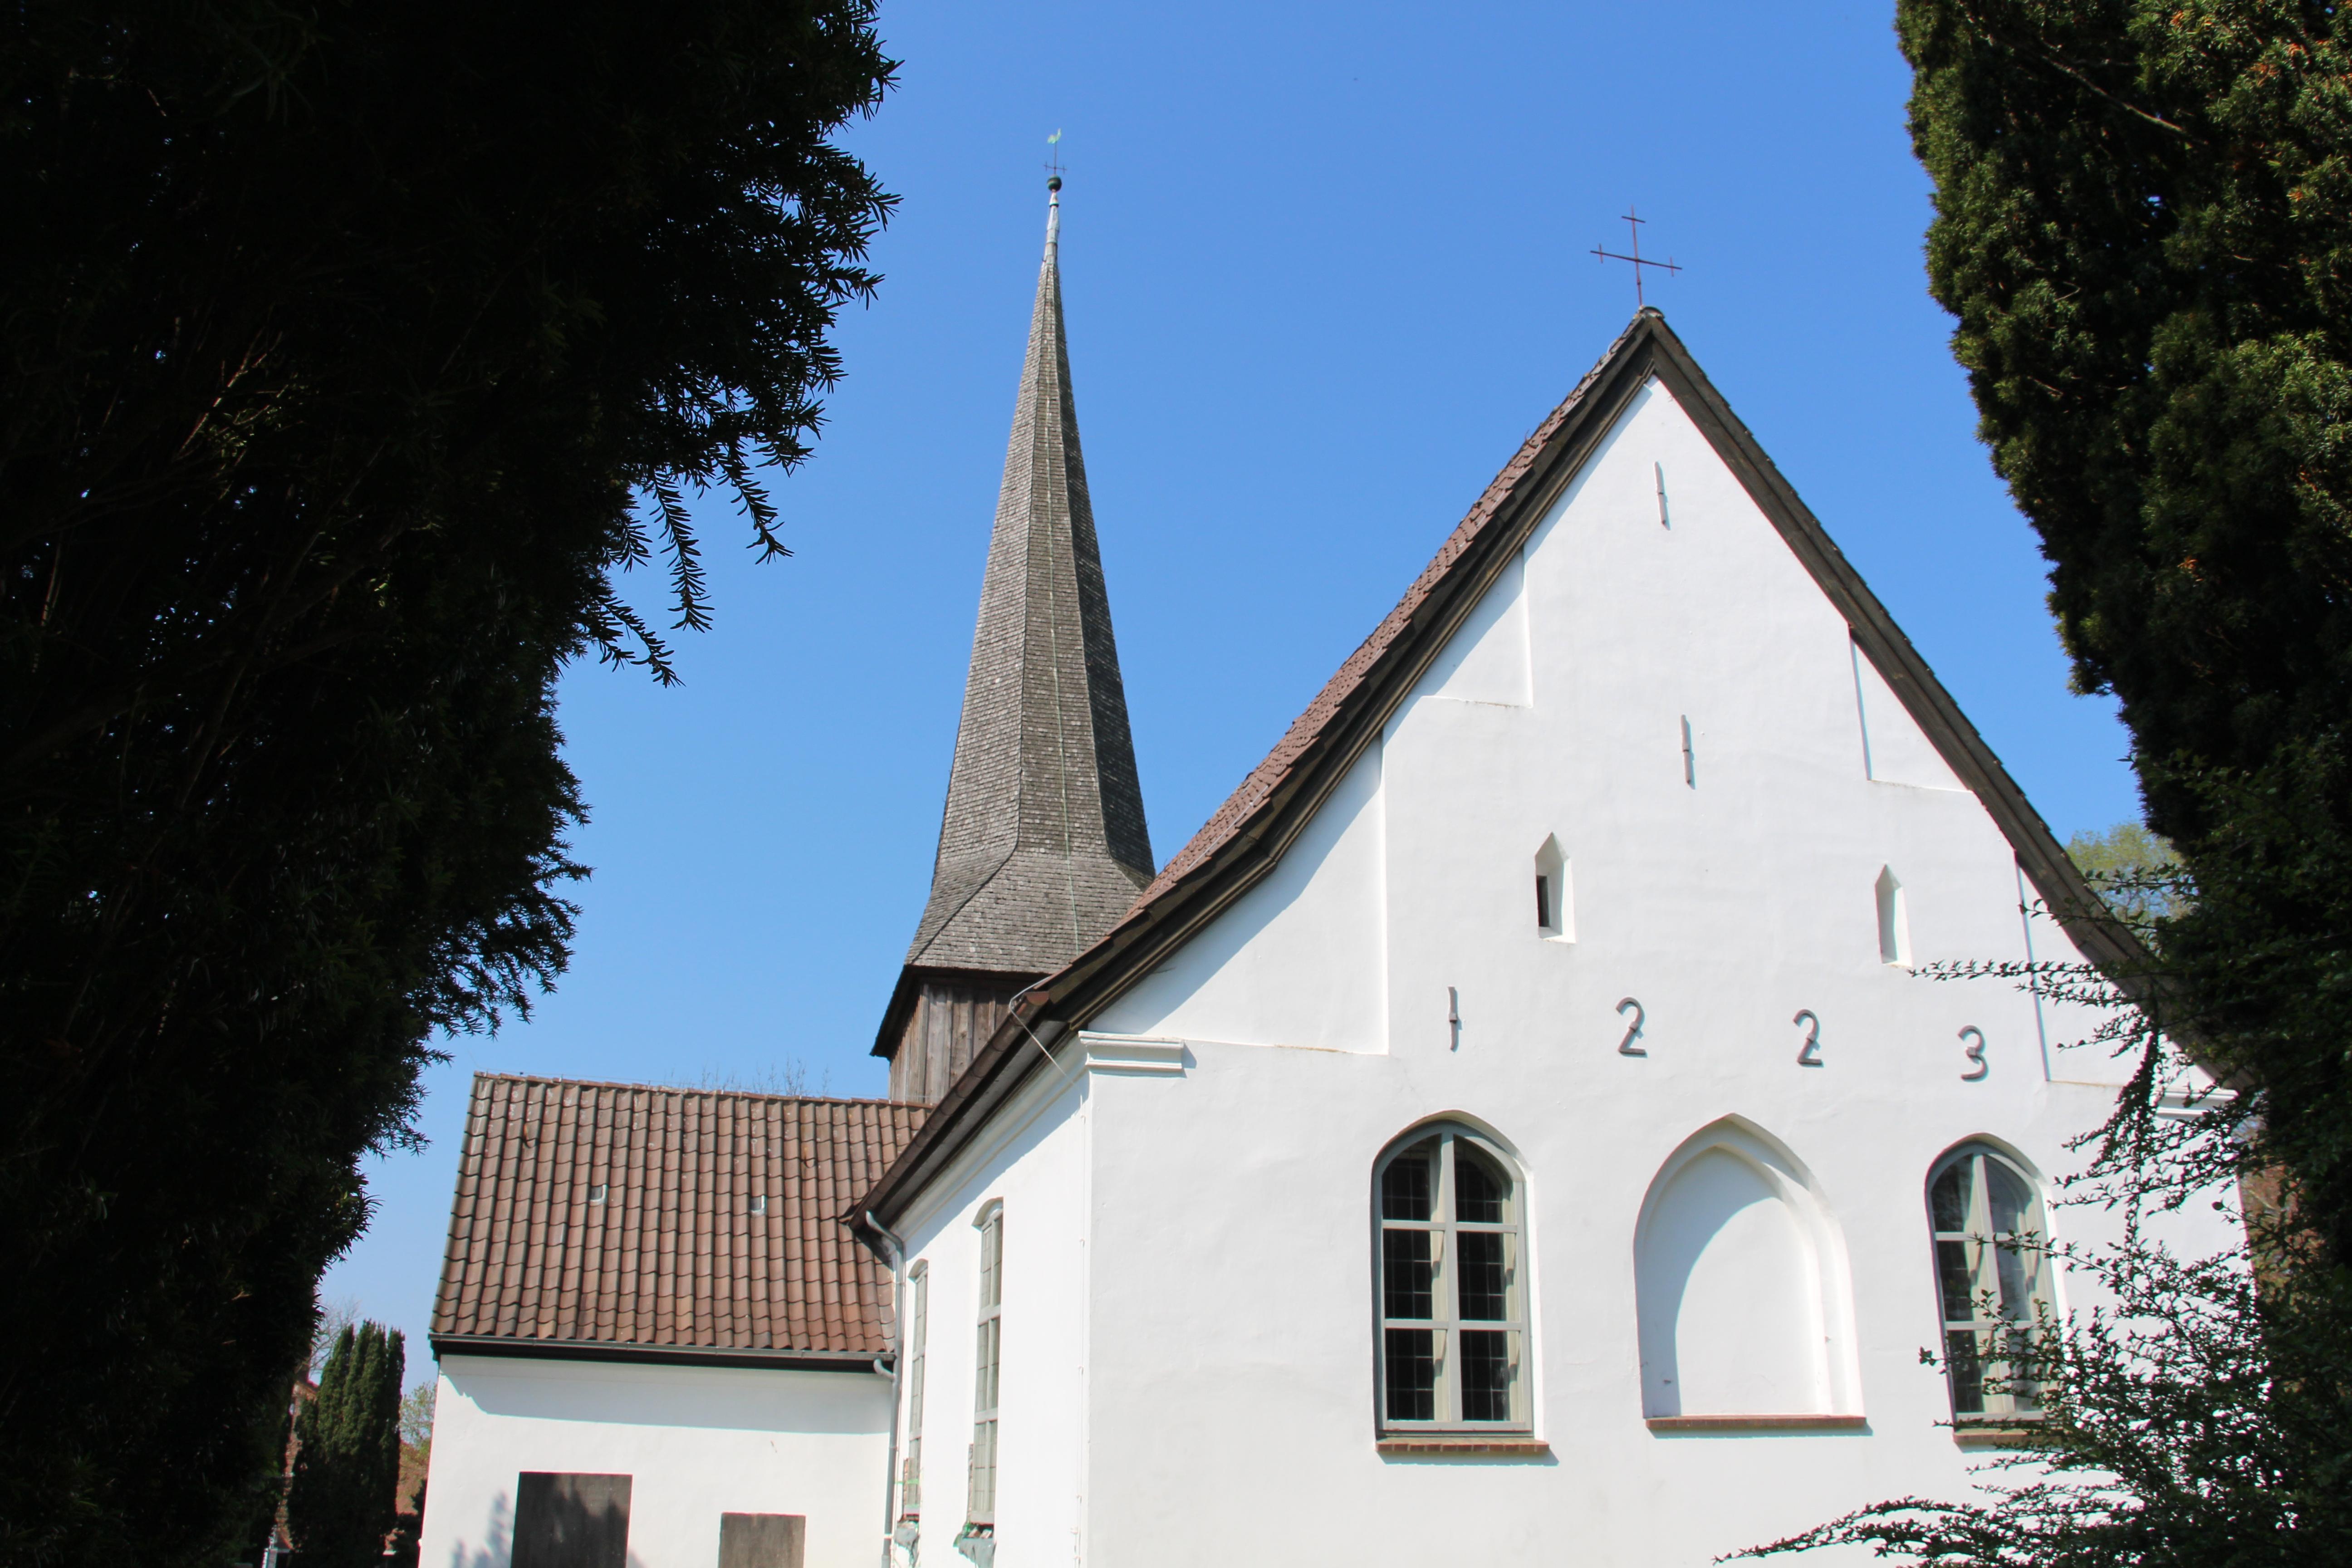 Kirche Flintbek